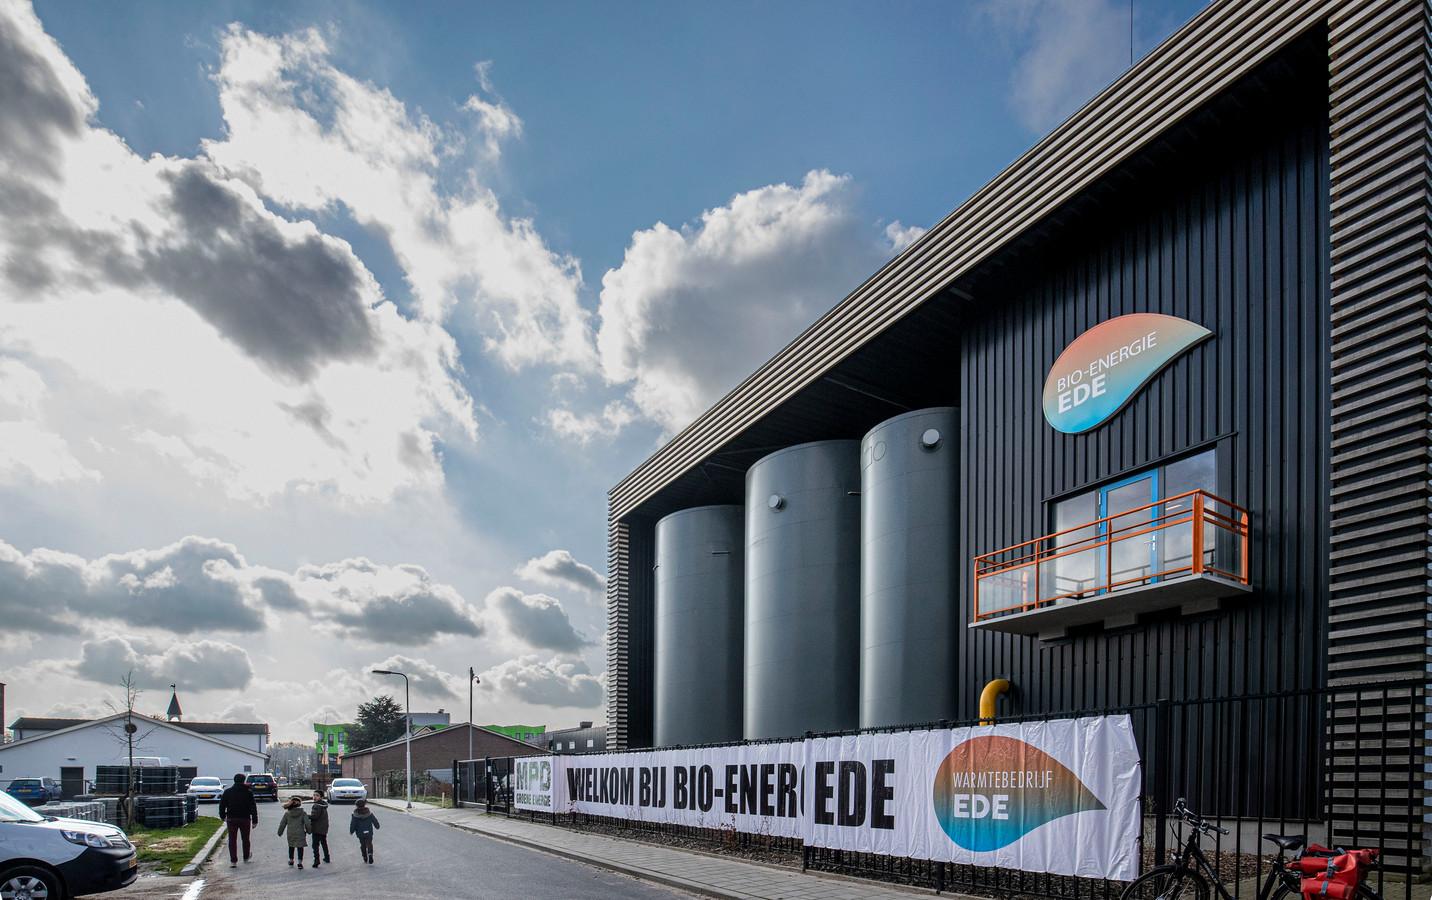 De centrale van Warmtebedrijf Ede aan de Geerweg in Ede.